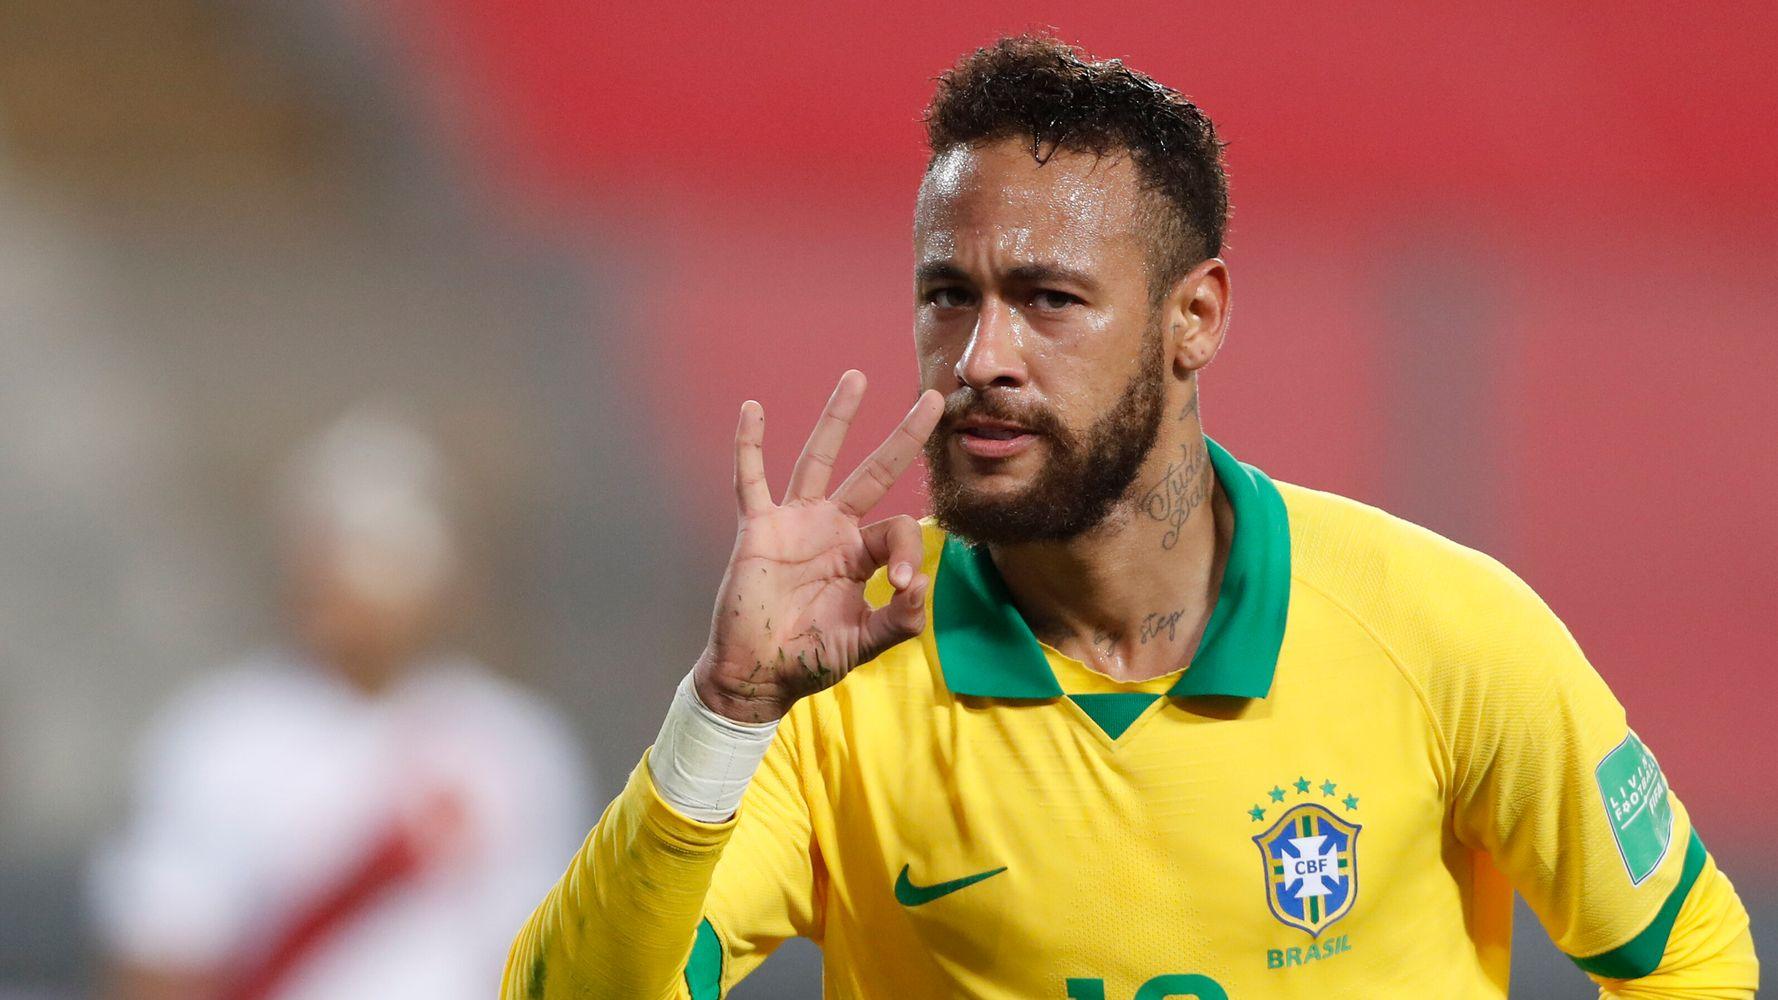 Mondial 2022 : le Brésil vainqueur, Neymar buteur et passeur - Coupe du monde